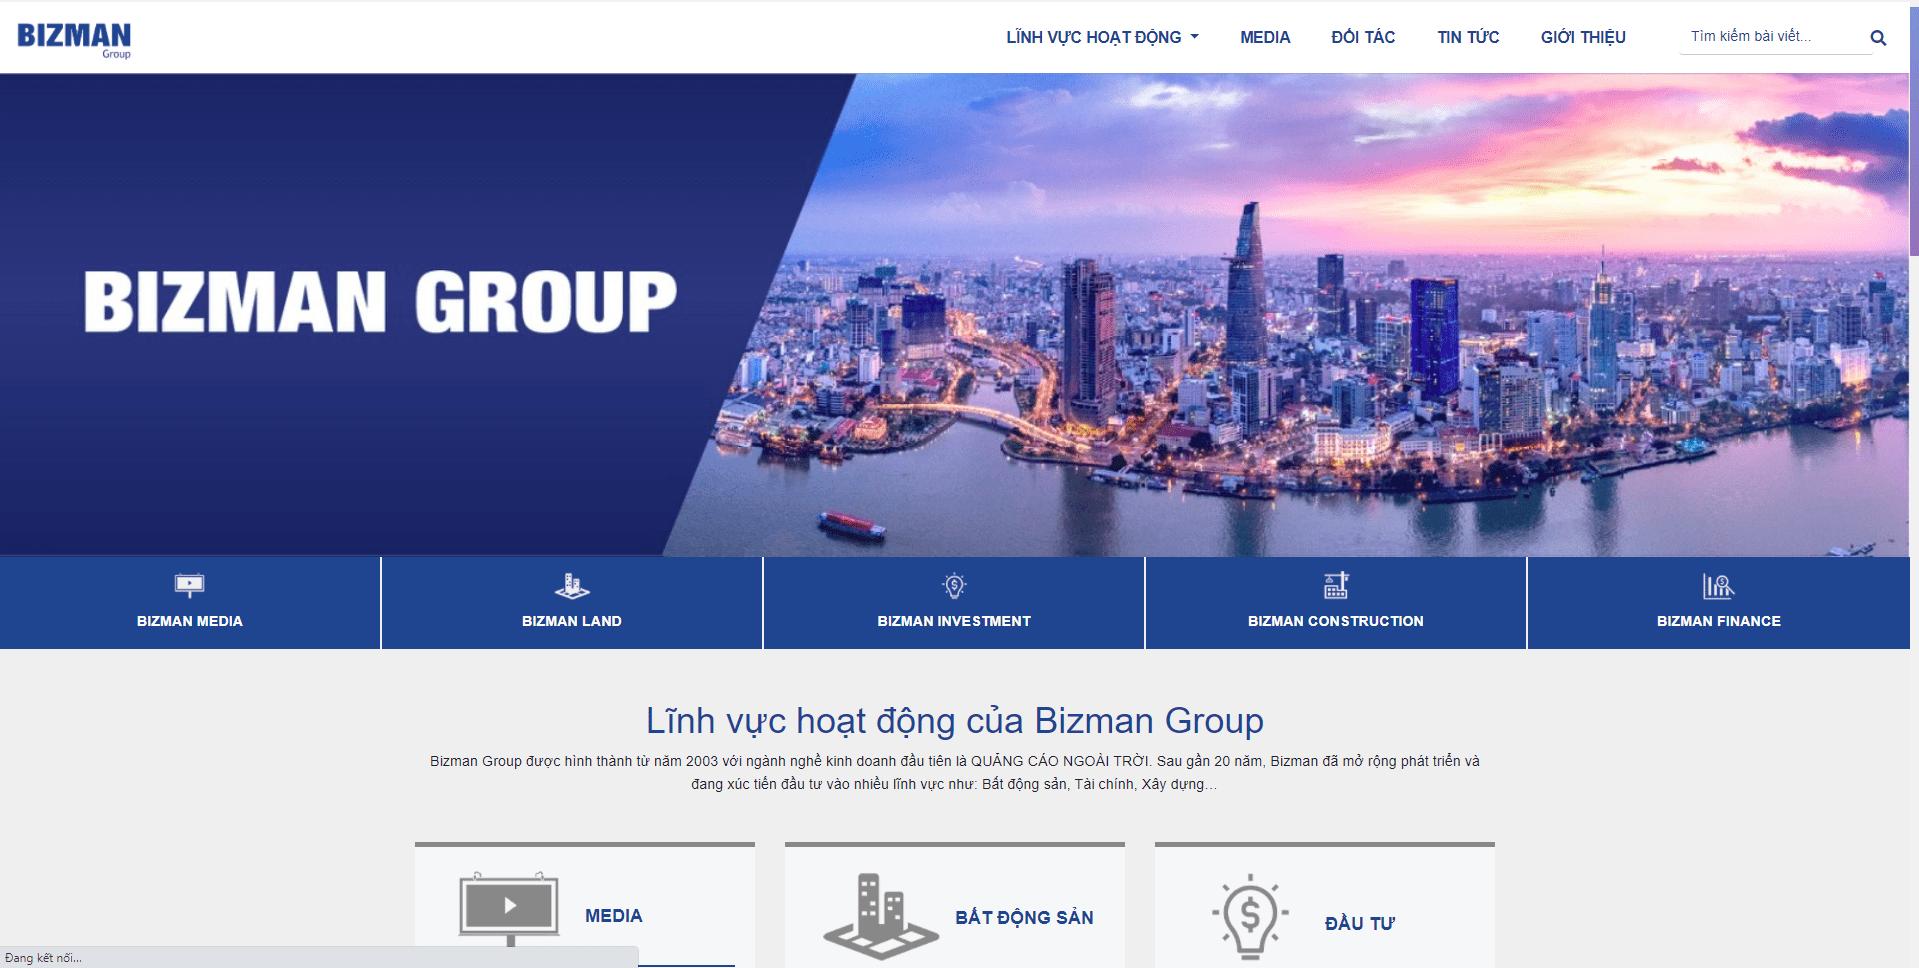 Công ty quảng cáo truyền thông và thương hiệu hàng đầu Việt Nam